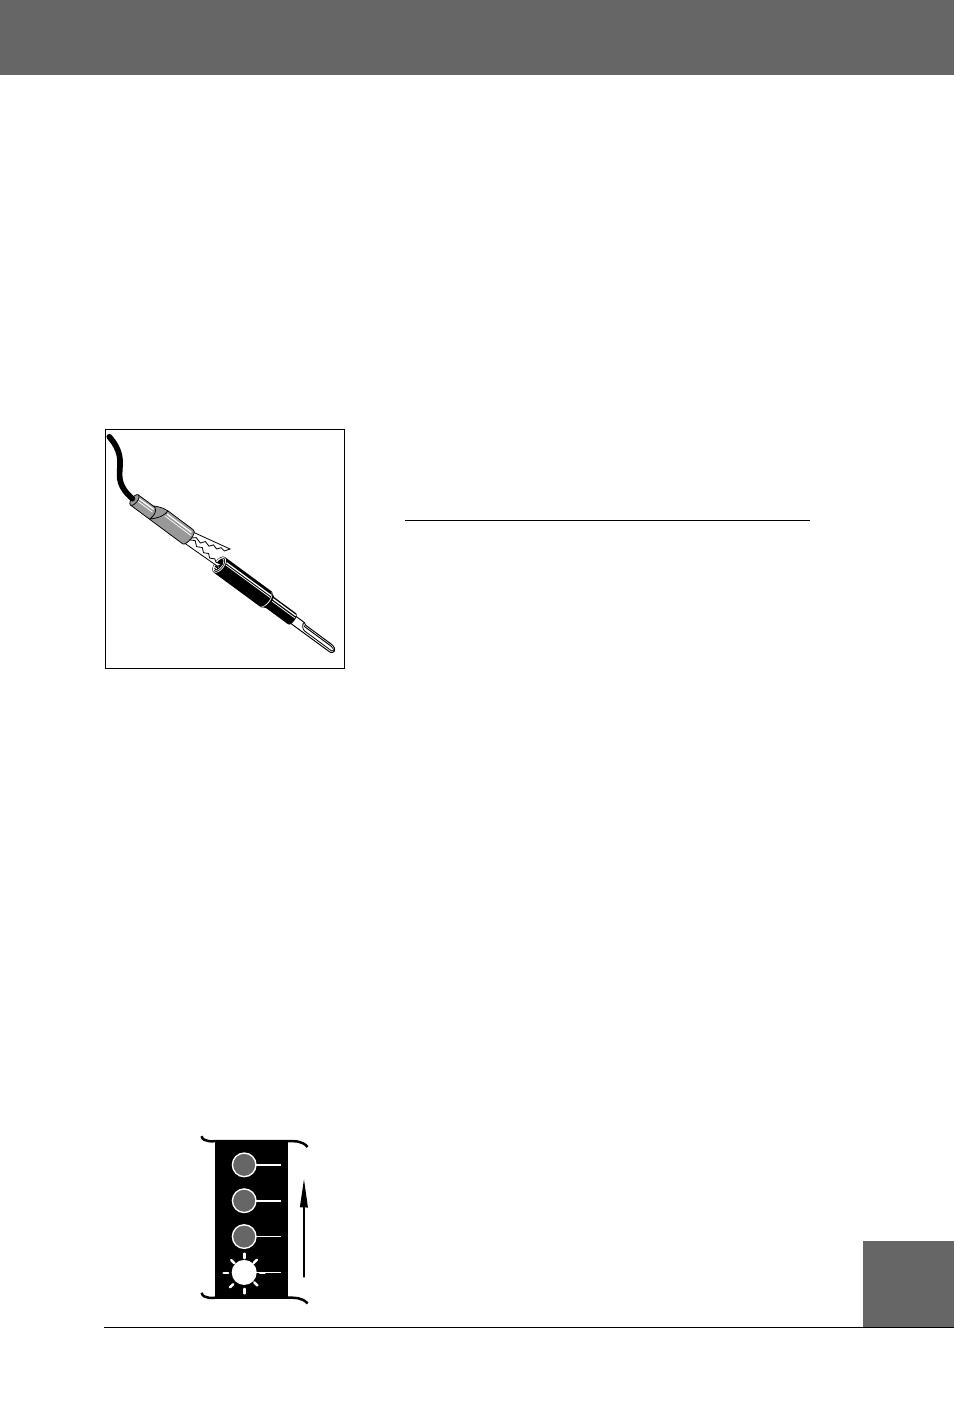 hight resolution of mass air flow maf mass air flow maf sensor test procedure actron